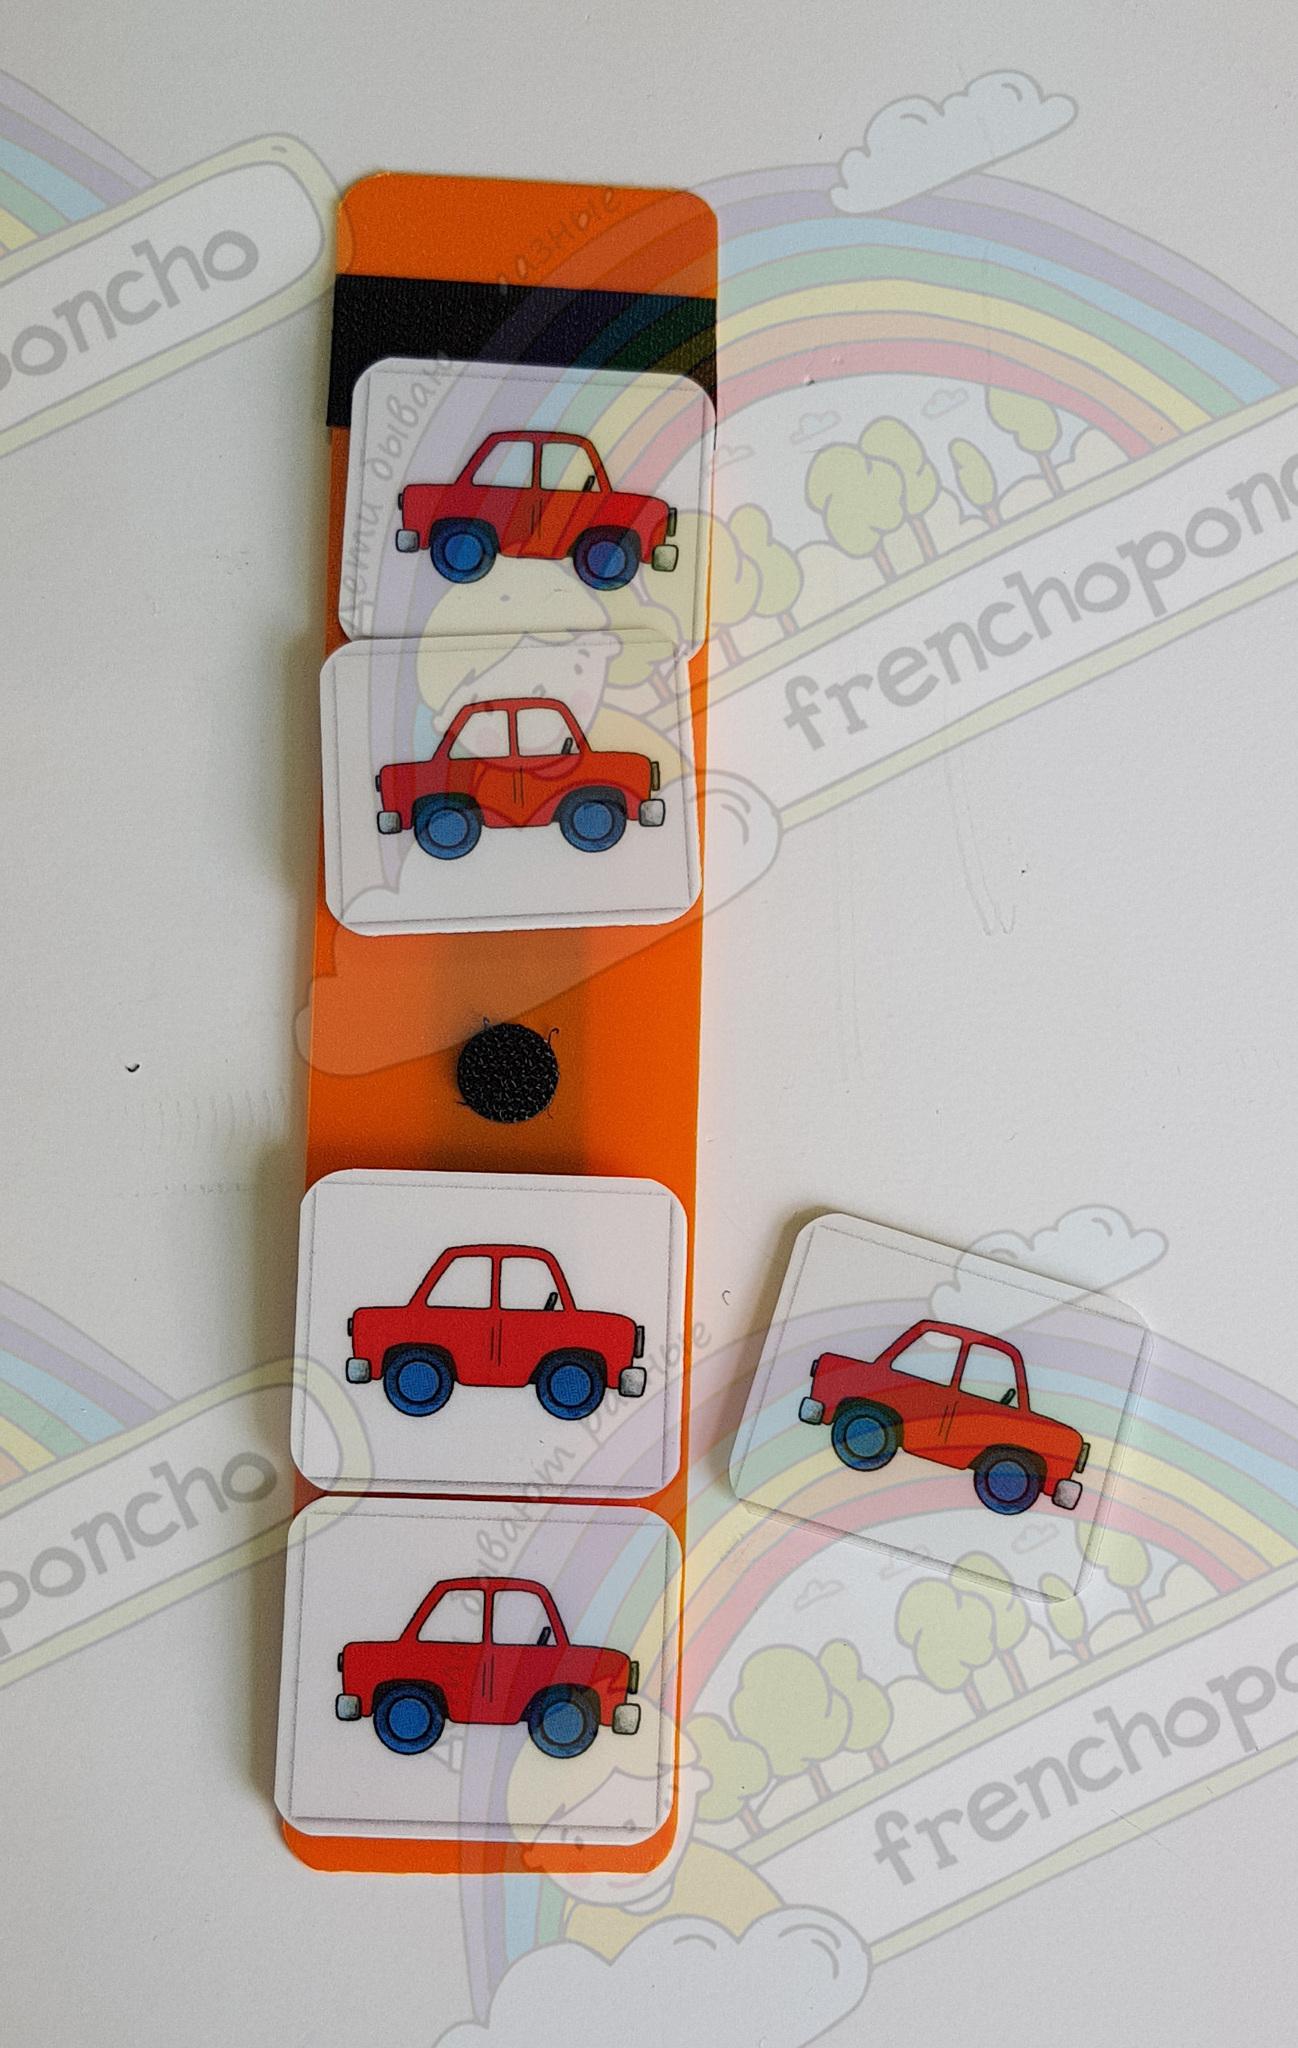 """Жетоны """"Машинки"""". 5 штук. Развивающие пособия на липучках Frenchoponcho (Френчопончо)"""